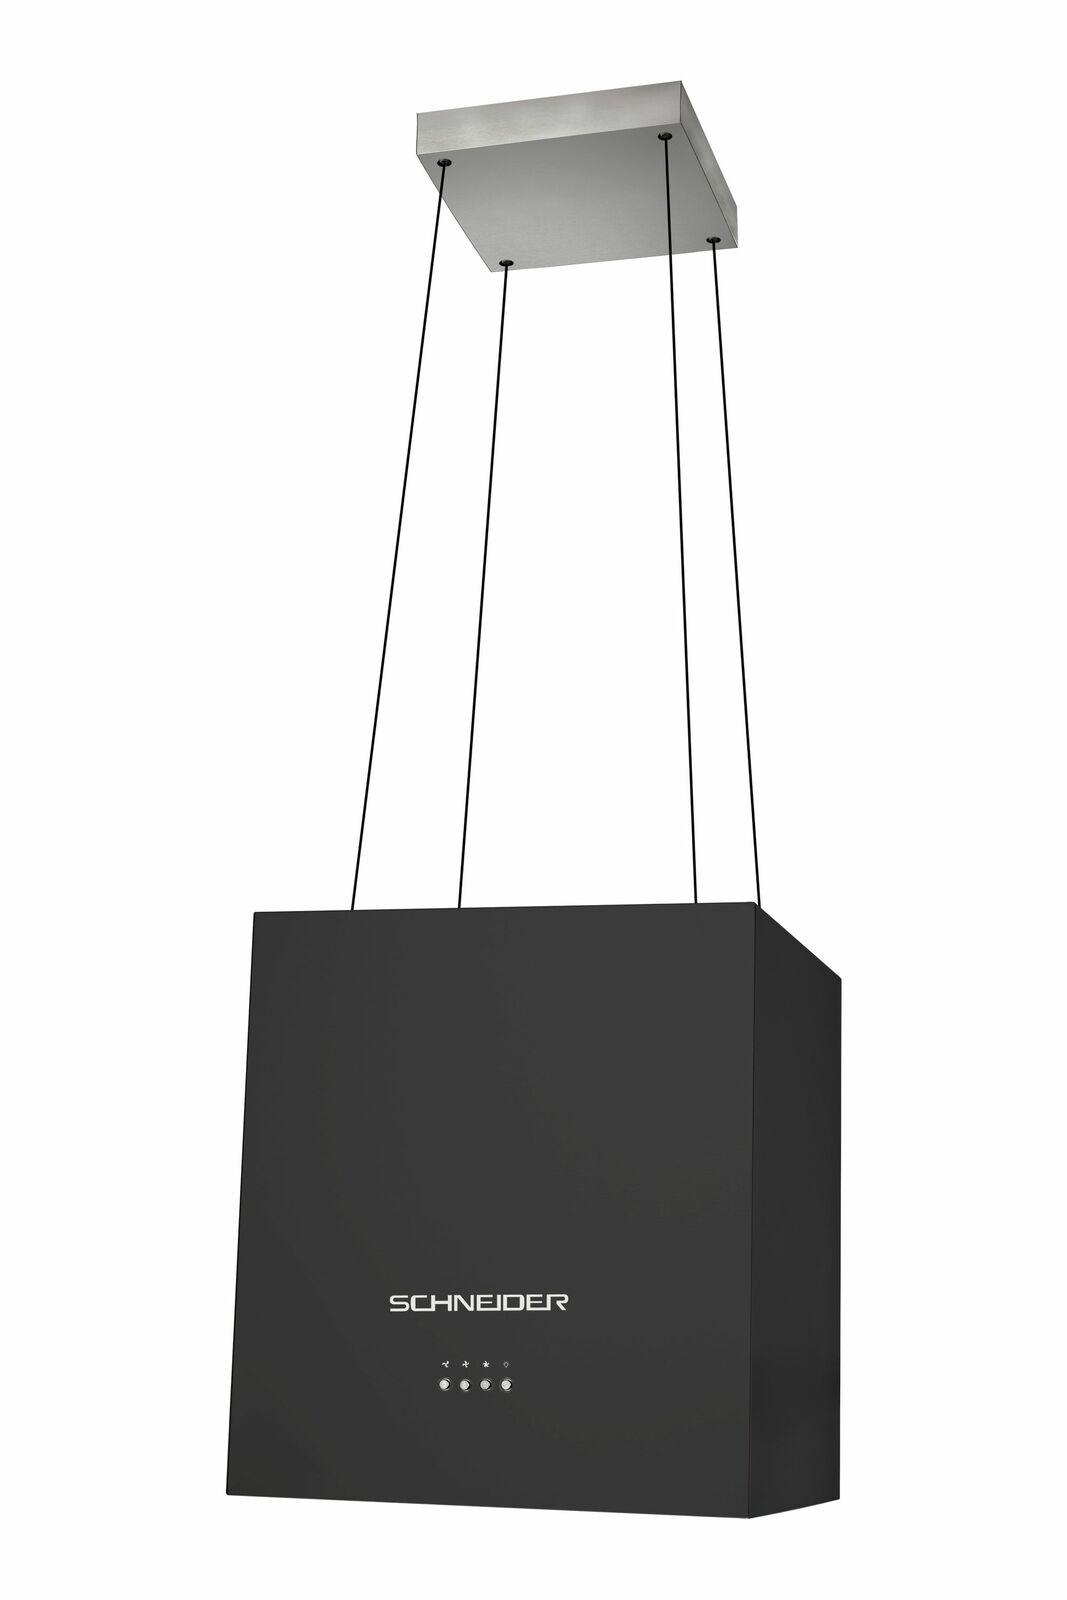 Schneider Inselhaube schwarz hängende Dunstabzugshaube Umluft Seilaufhängung